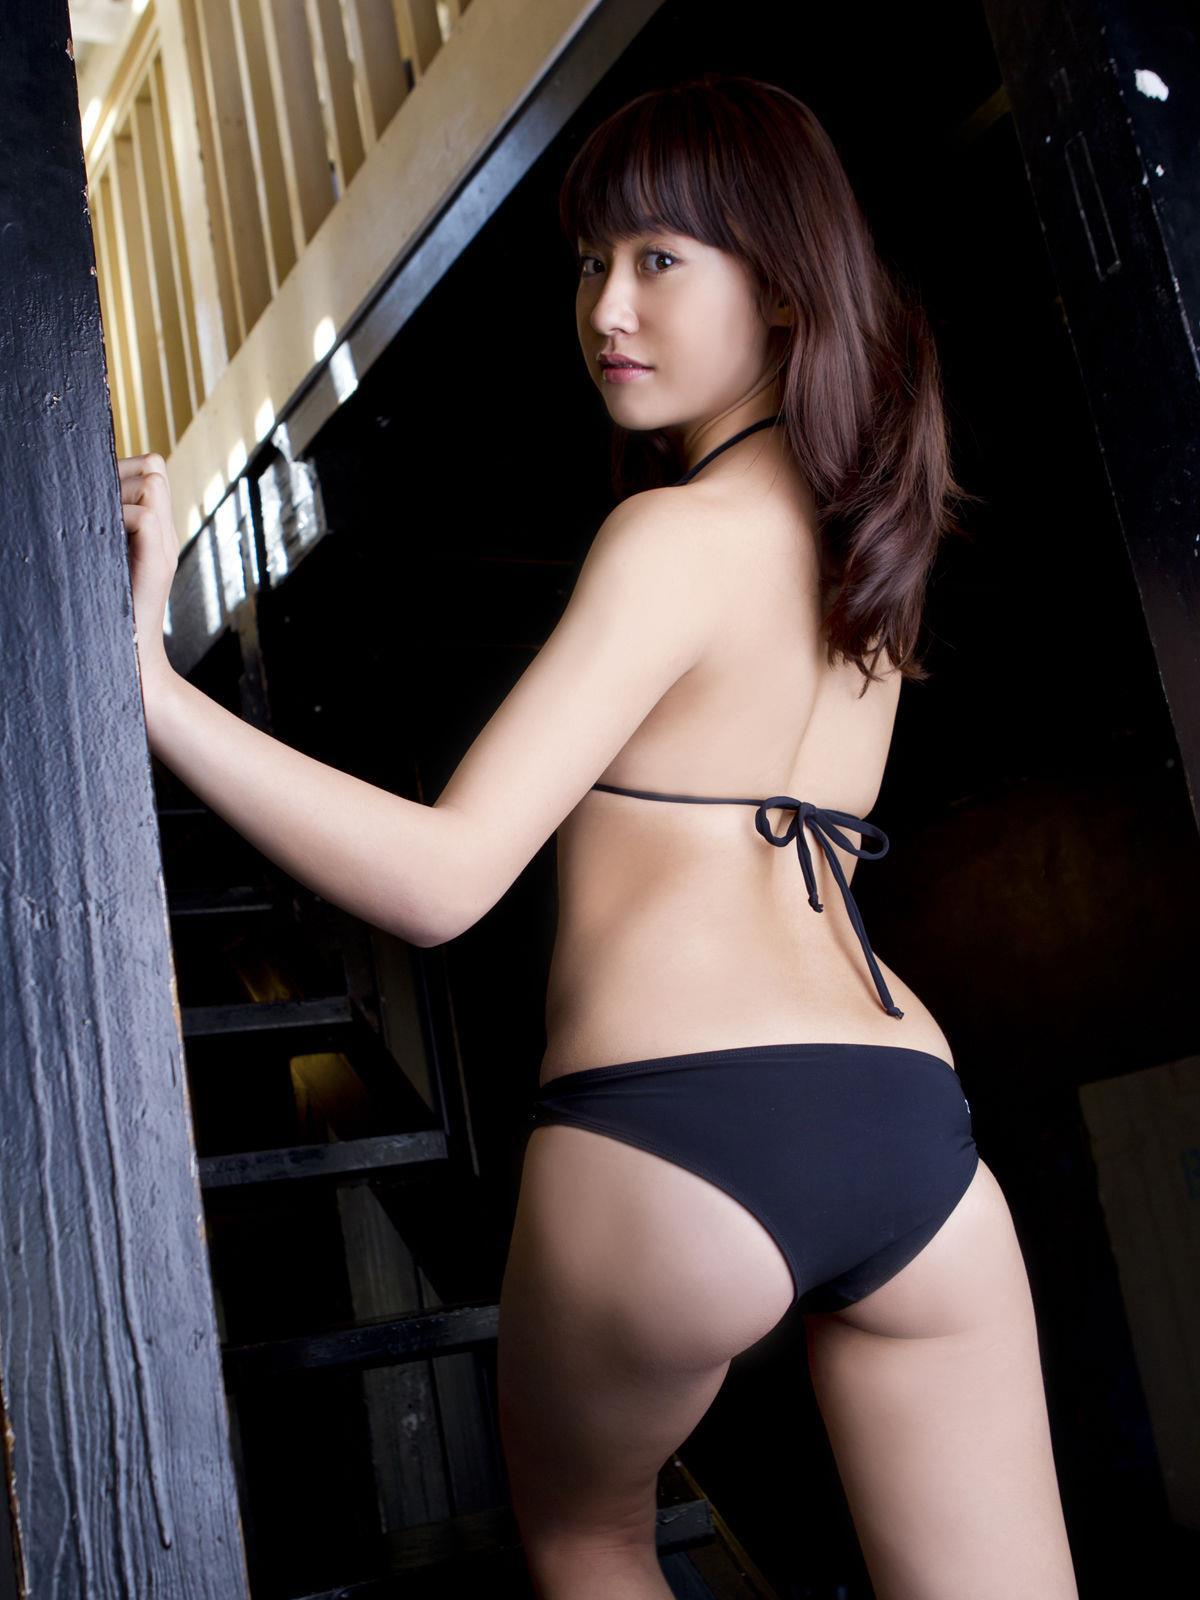 衛藤美彩 過激水着のグラビア画像 4